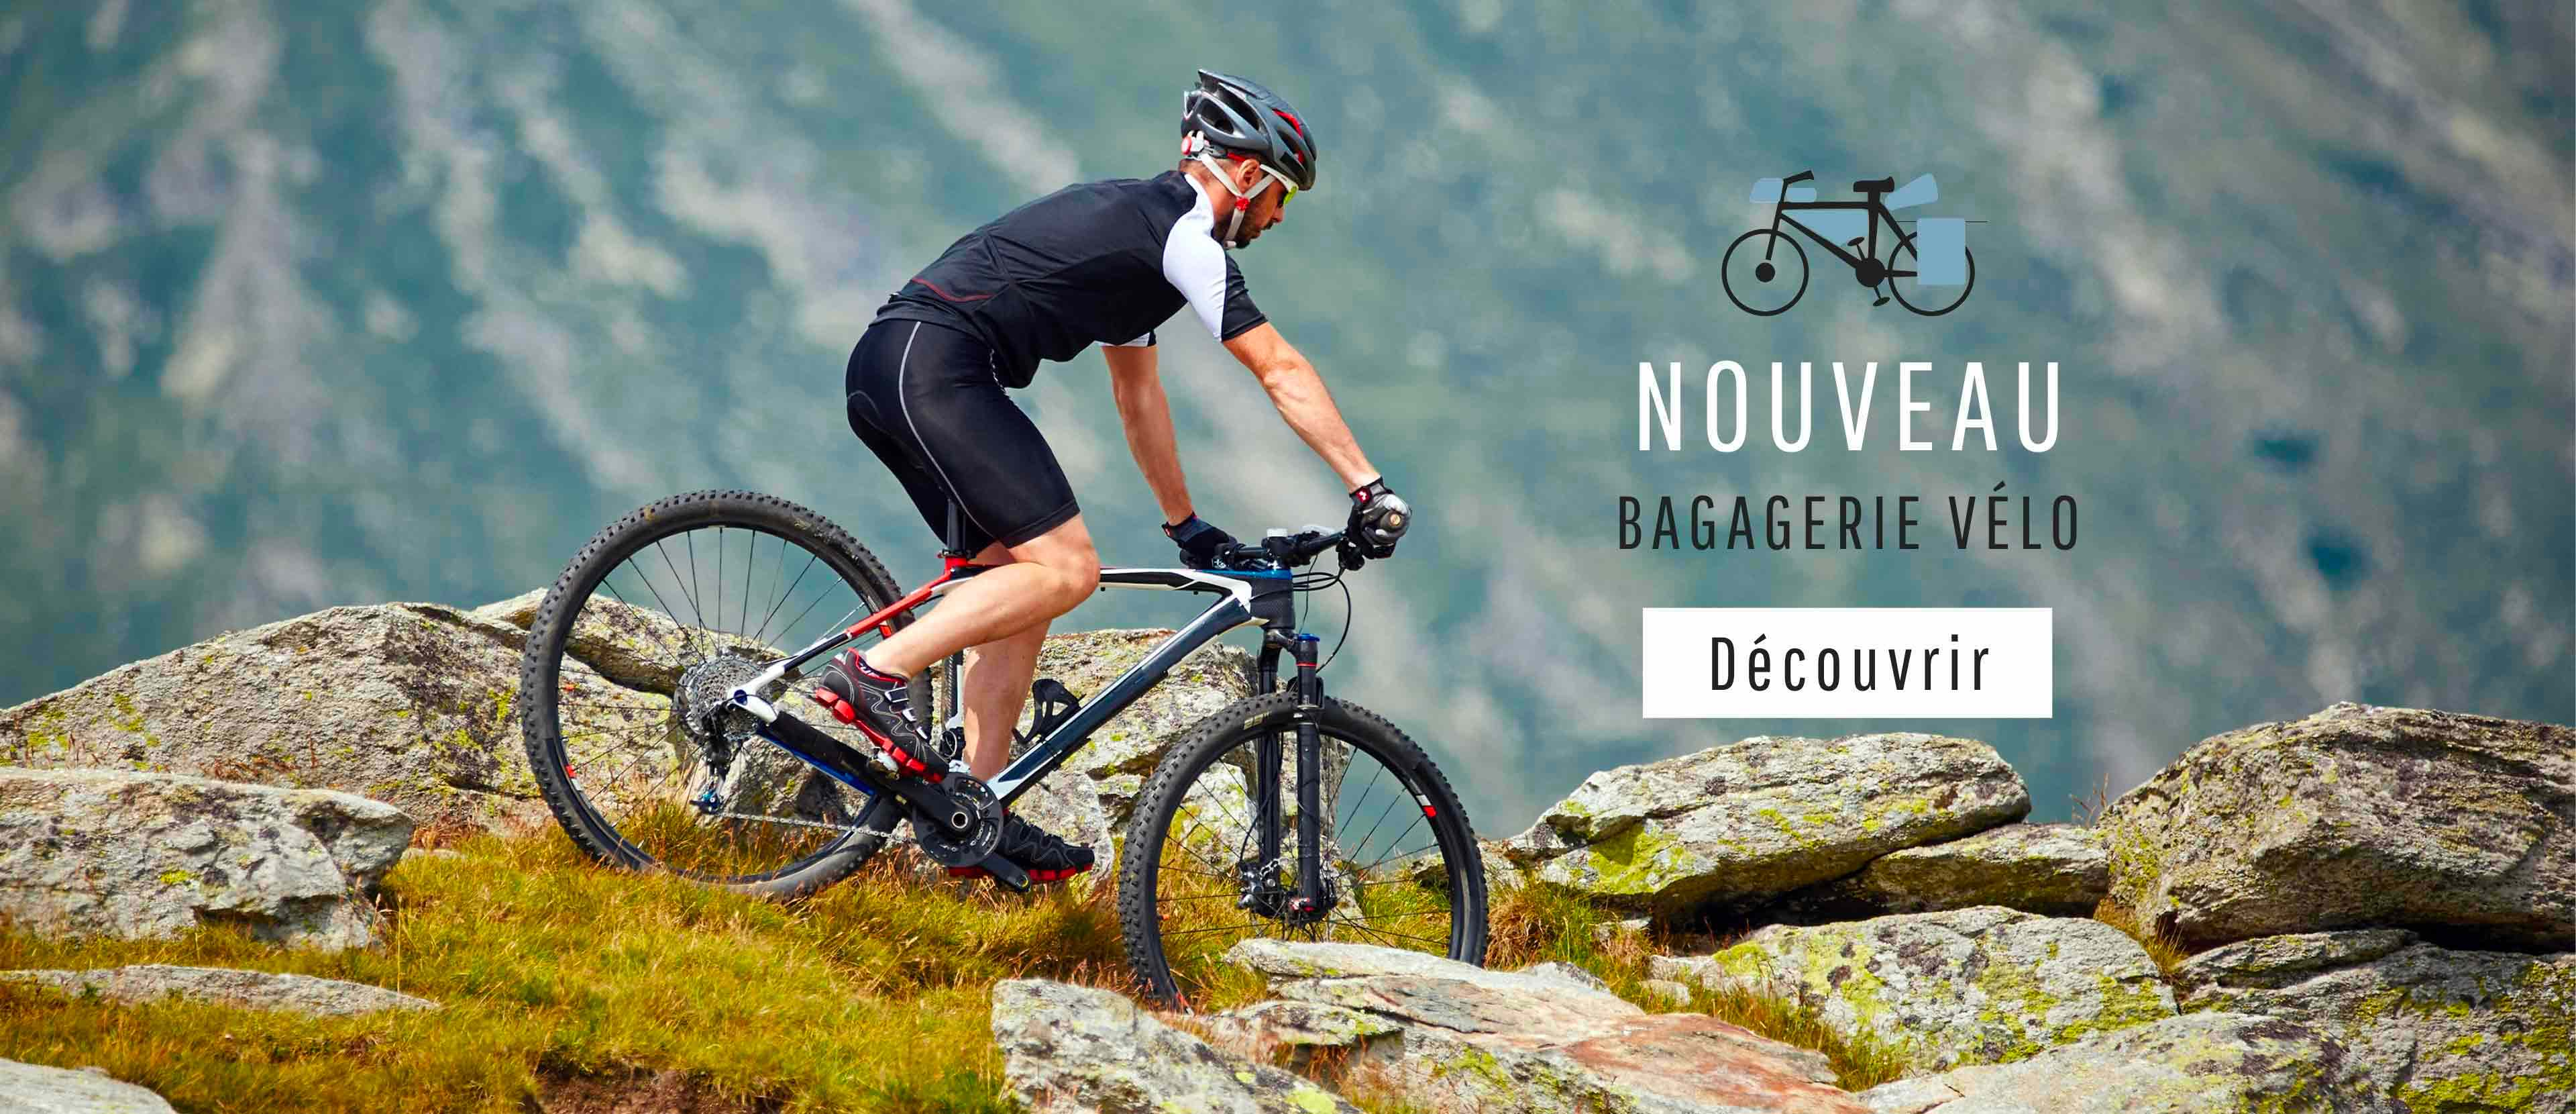 nouvelle gamme de sacoches pour vélo et vtt